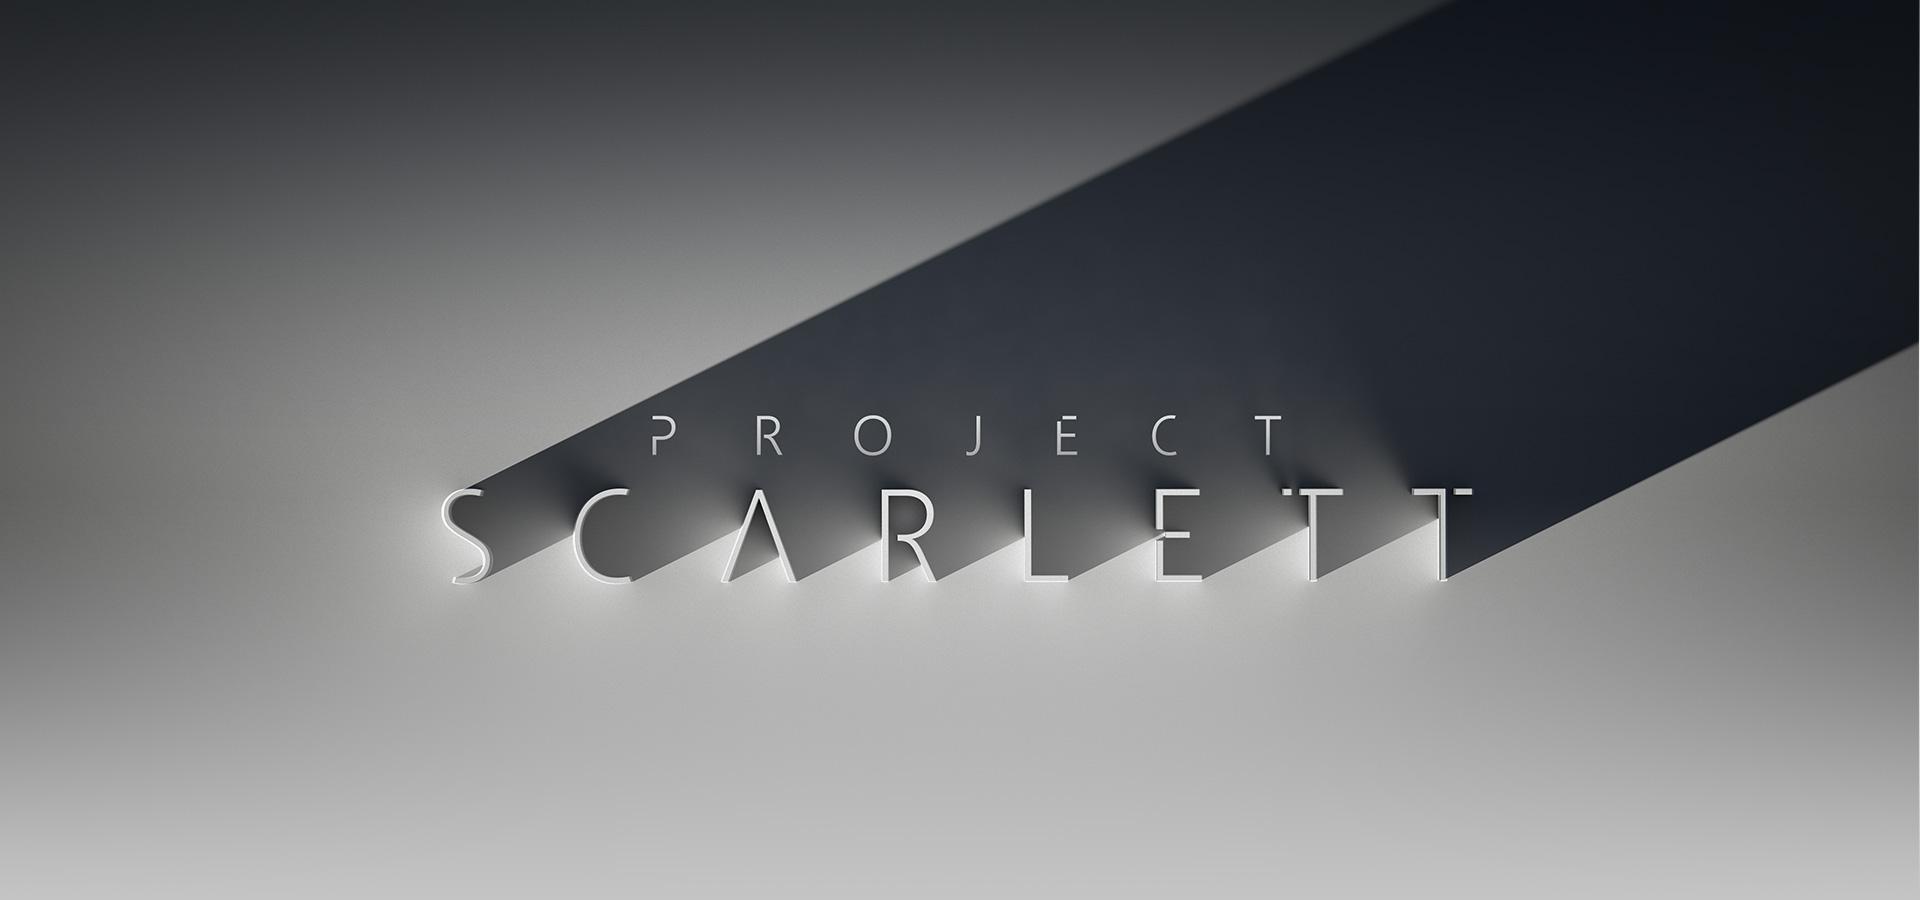 مایکروسافت به عنوان بخشی از پروژه اسکارلت در حال ساخت مدل بدون دیسک ایکسباکس است